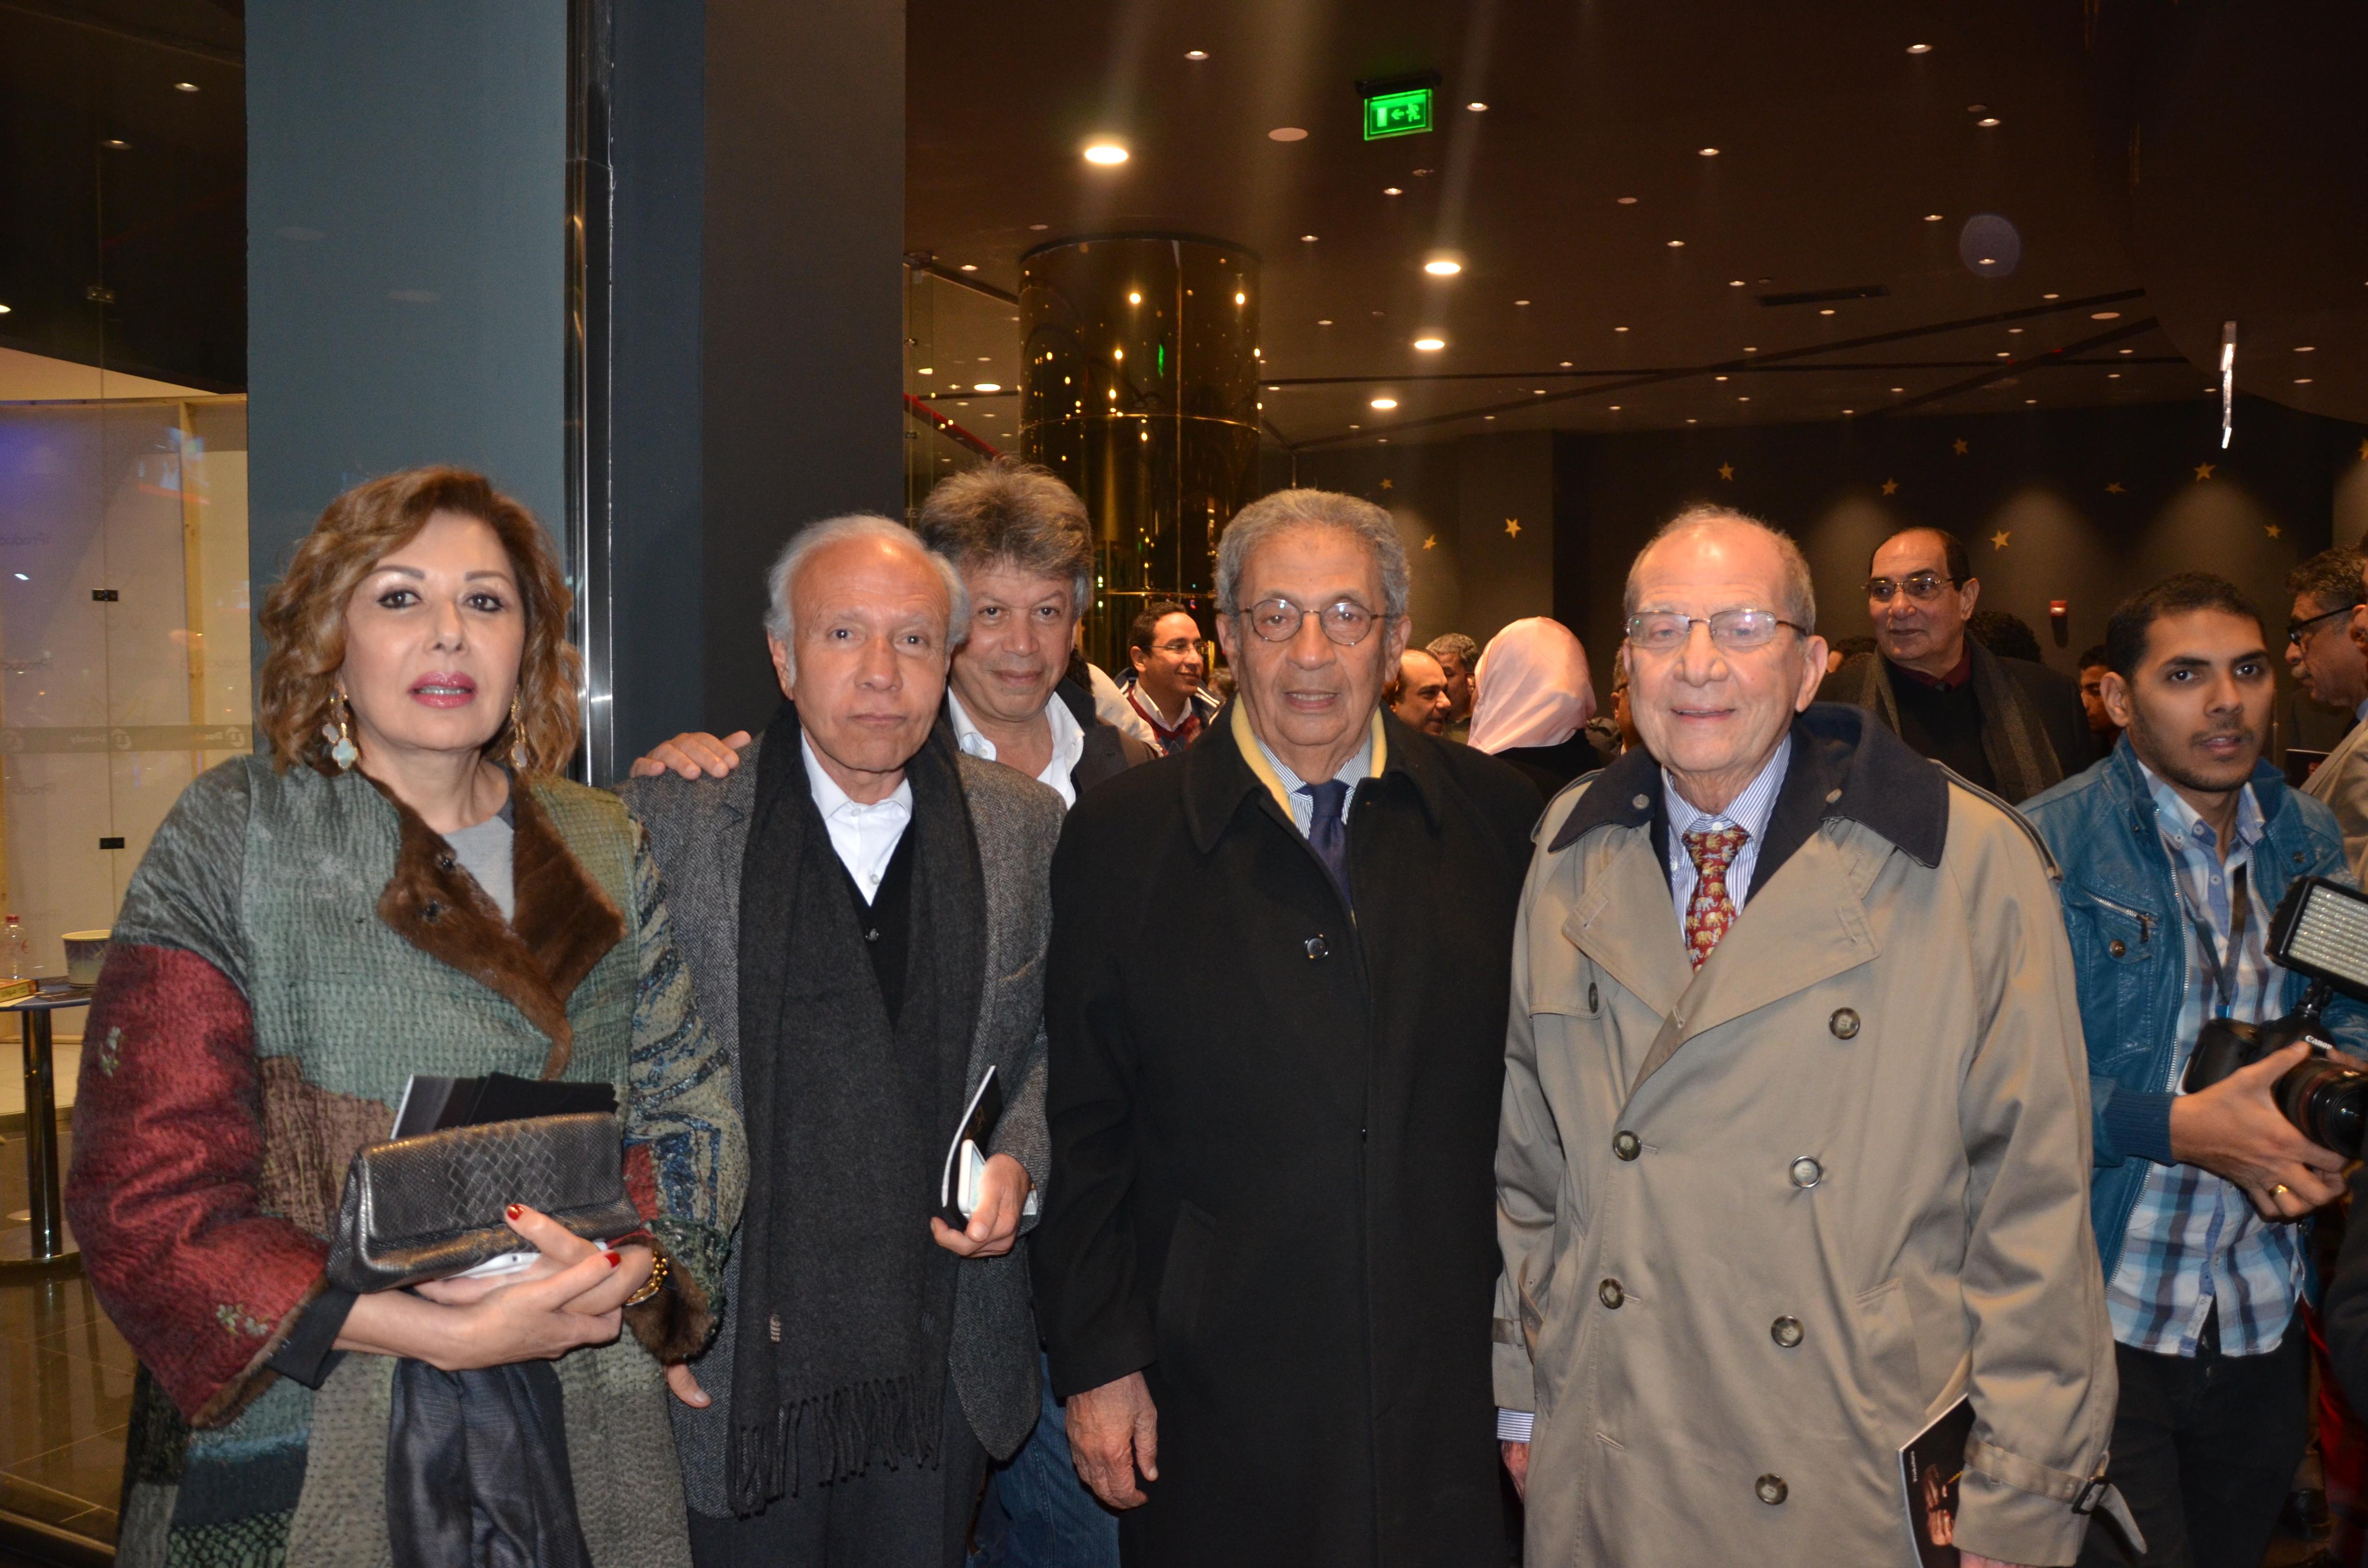 Nini El Taweel, Salah Diab, Tarek Nour, Amr Moussa & Wassim Al Sisi